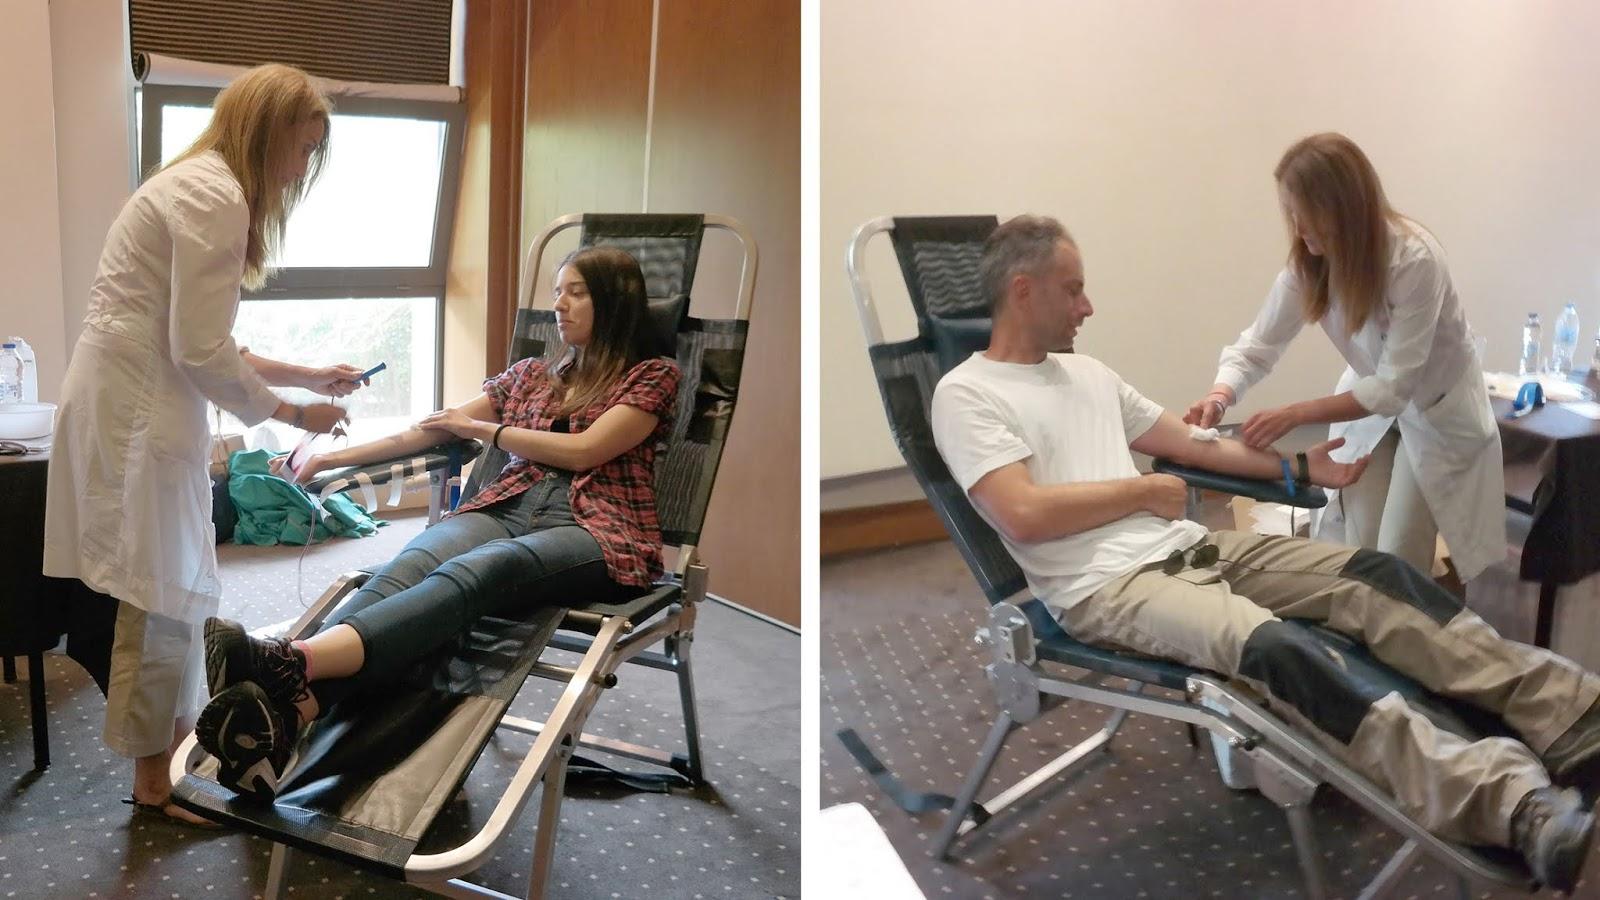 Ολοκληρώθηκε με επιτυχία η εθελοντική αιμοδοσία  στο Porto Carras Grand Resort!